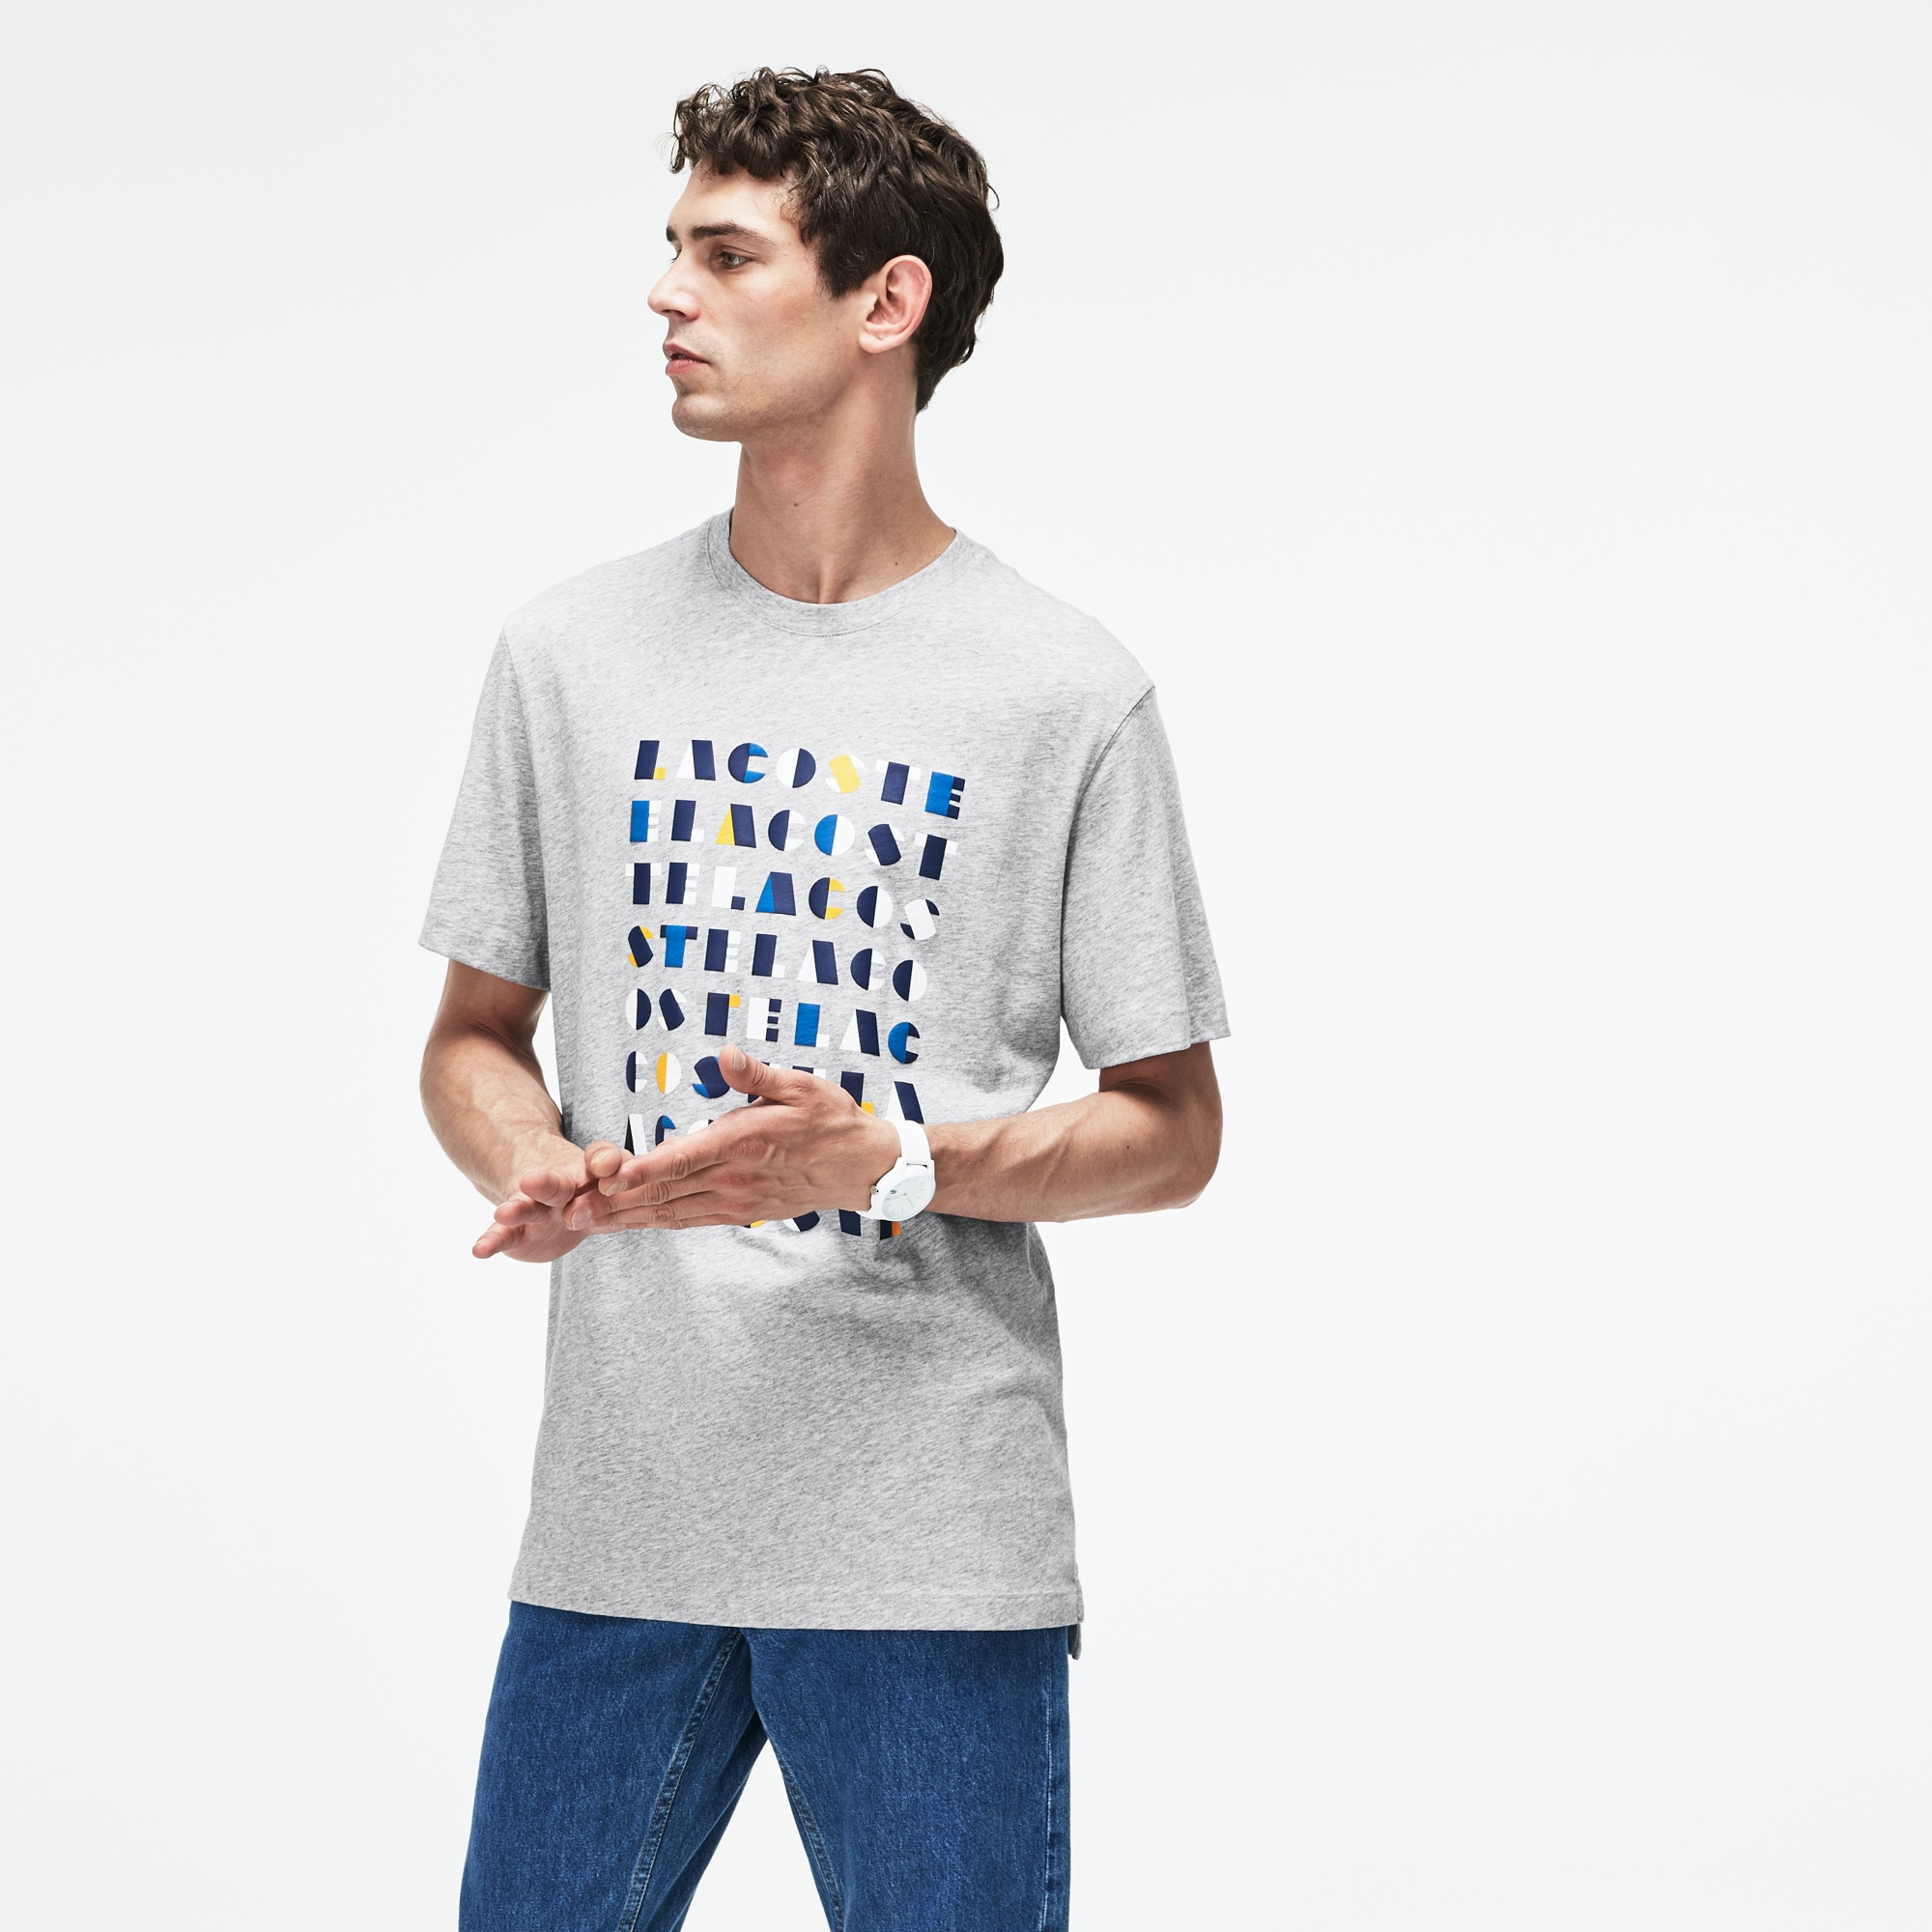 Herren Rundhals-T-Shirt aus Baumwolljersey mit 3D Schriftzug